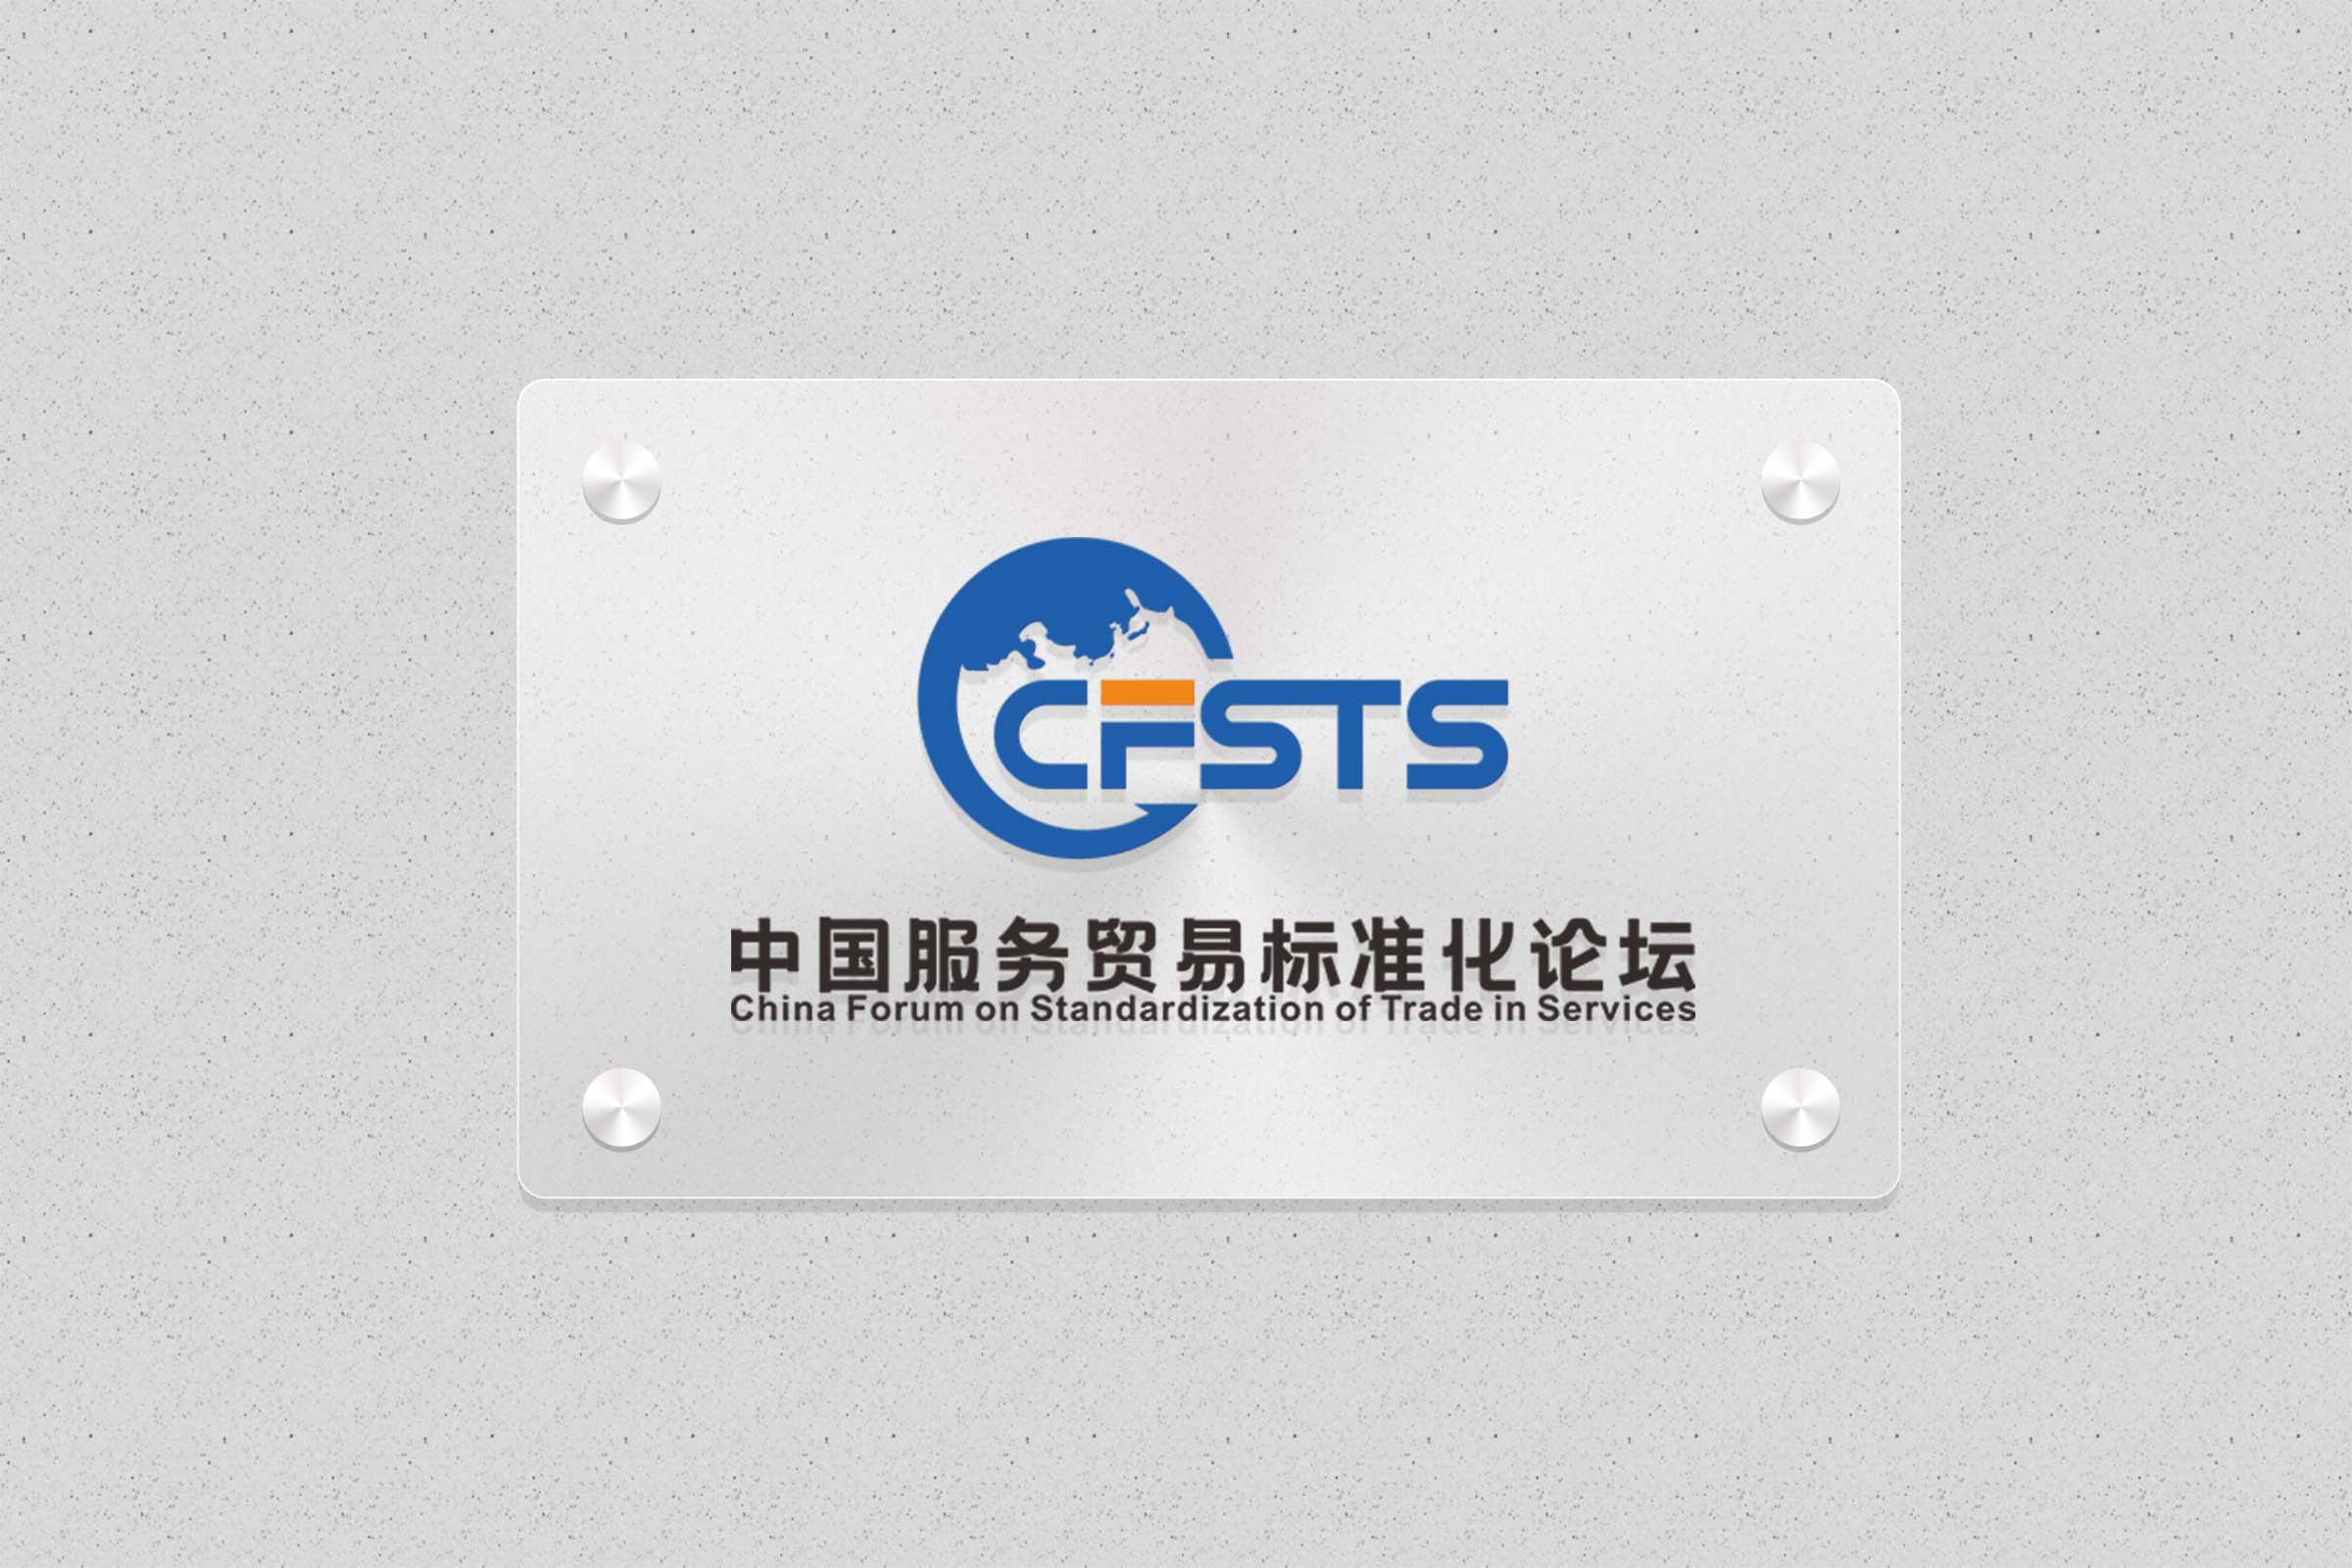 中国服务贸易标准化论坛logo征集方案_3038231_k68威客网